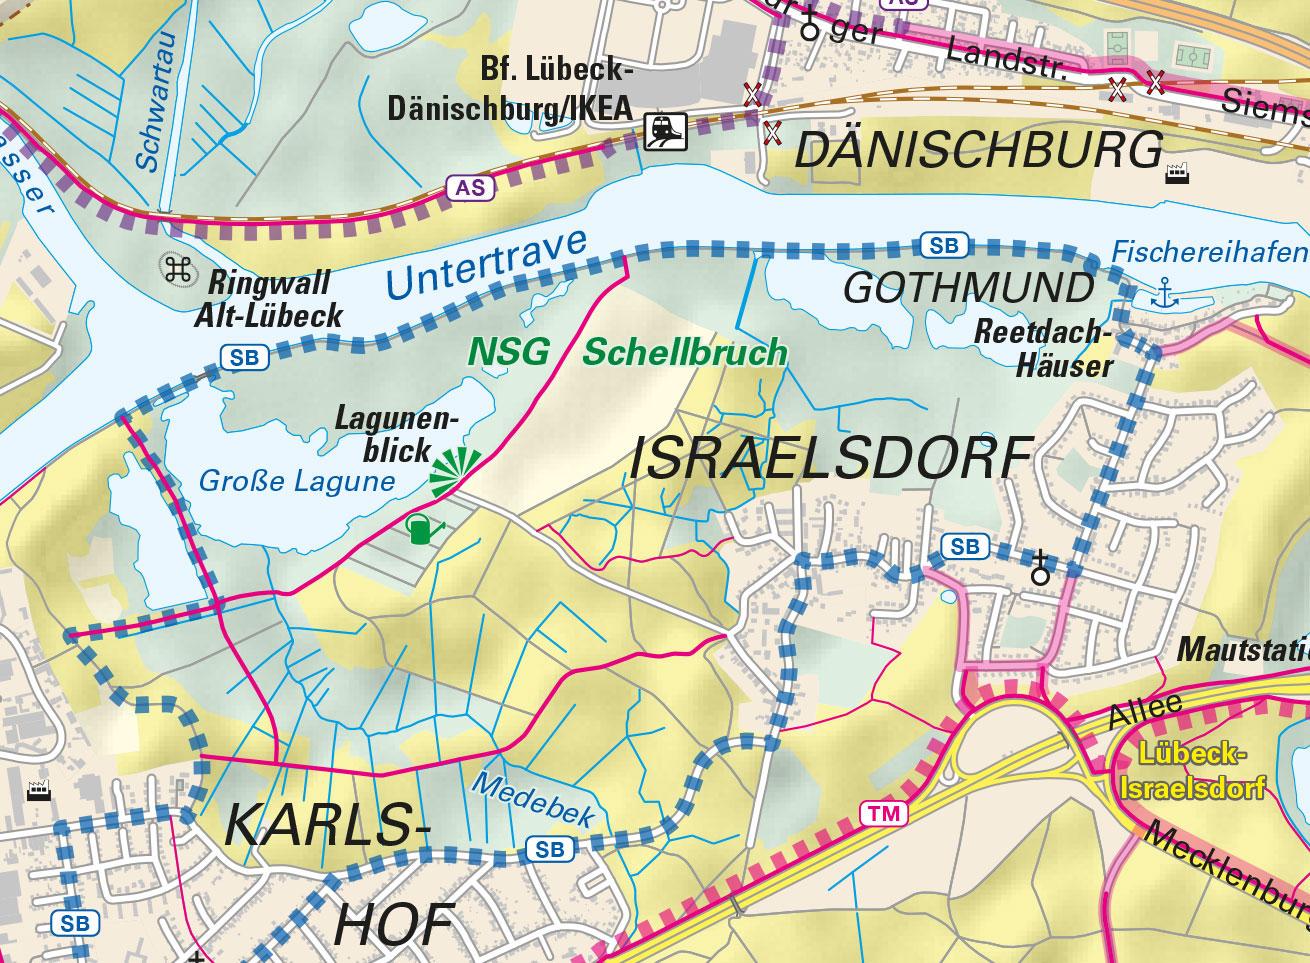 Karte Lübeck.Bike Map Lübeck Kalimedia Der Verlag Für Besondere Karten